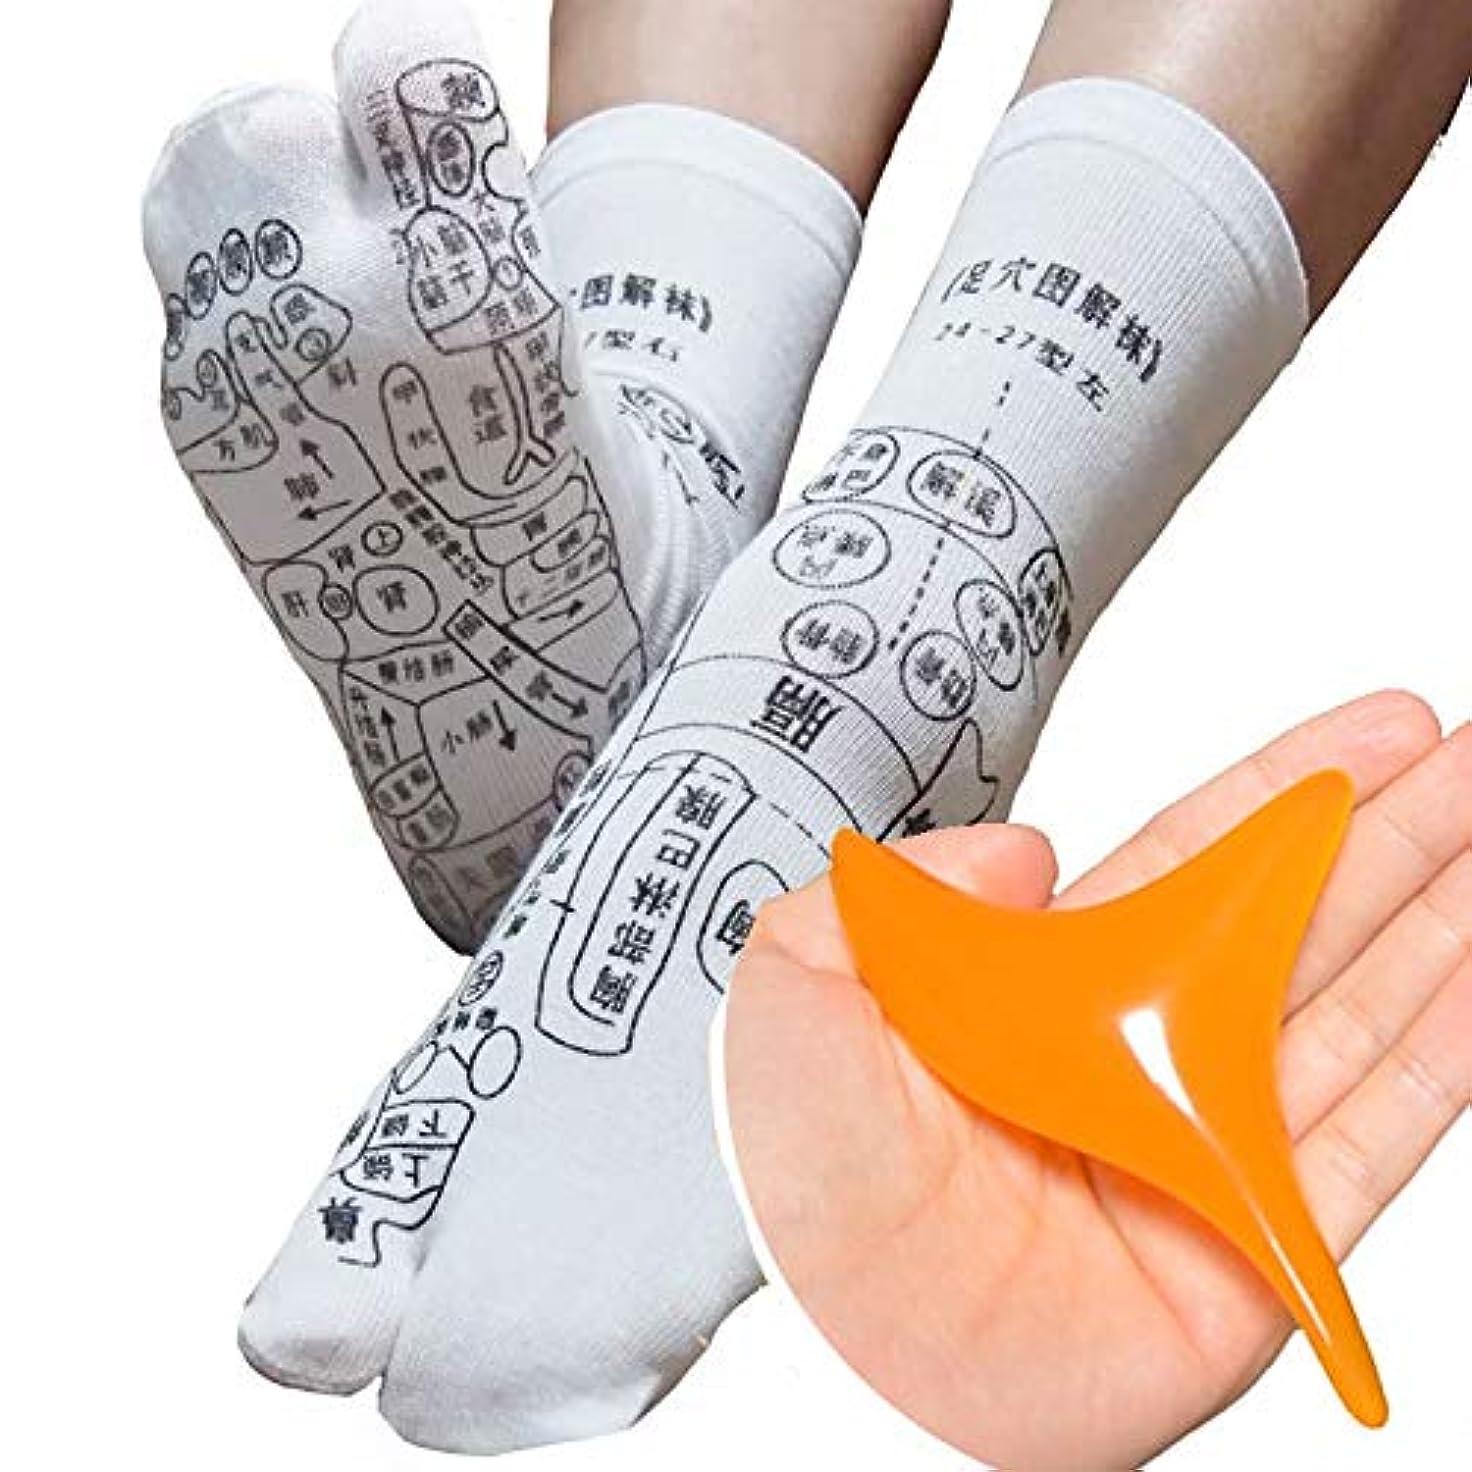 ハンサム狂信者ウェーハ足全体のツボが「見える」プリントソックス オカリナ型カッサ付き 足裏つぼおしソックス 足ツボ靴下 反射区 サイズ22~26センチ 靴下の字は中国語